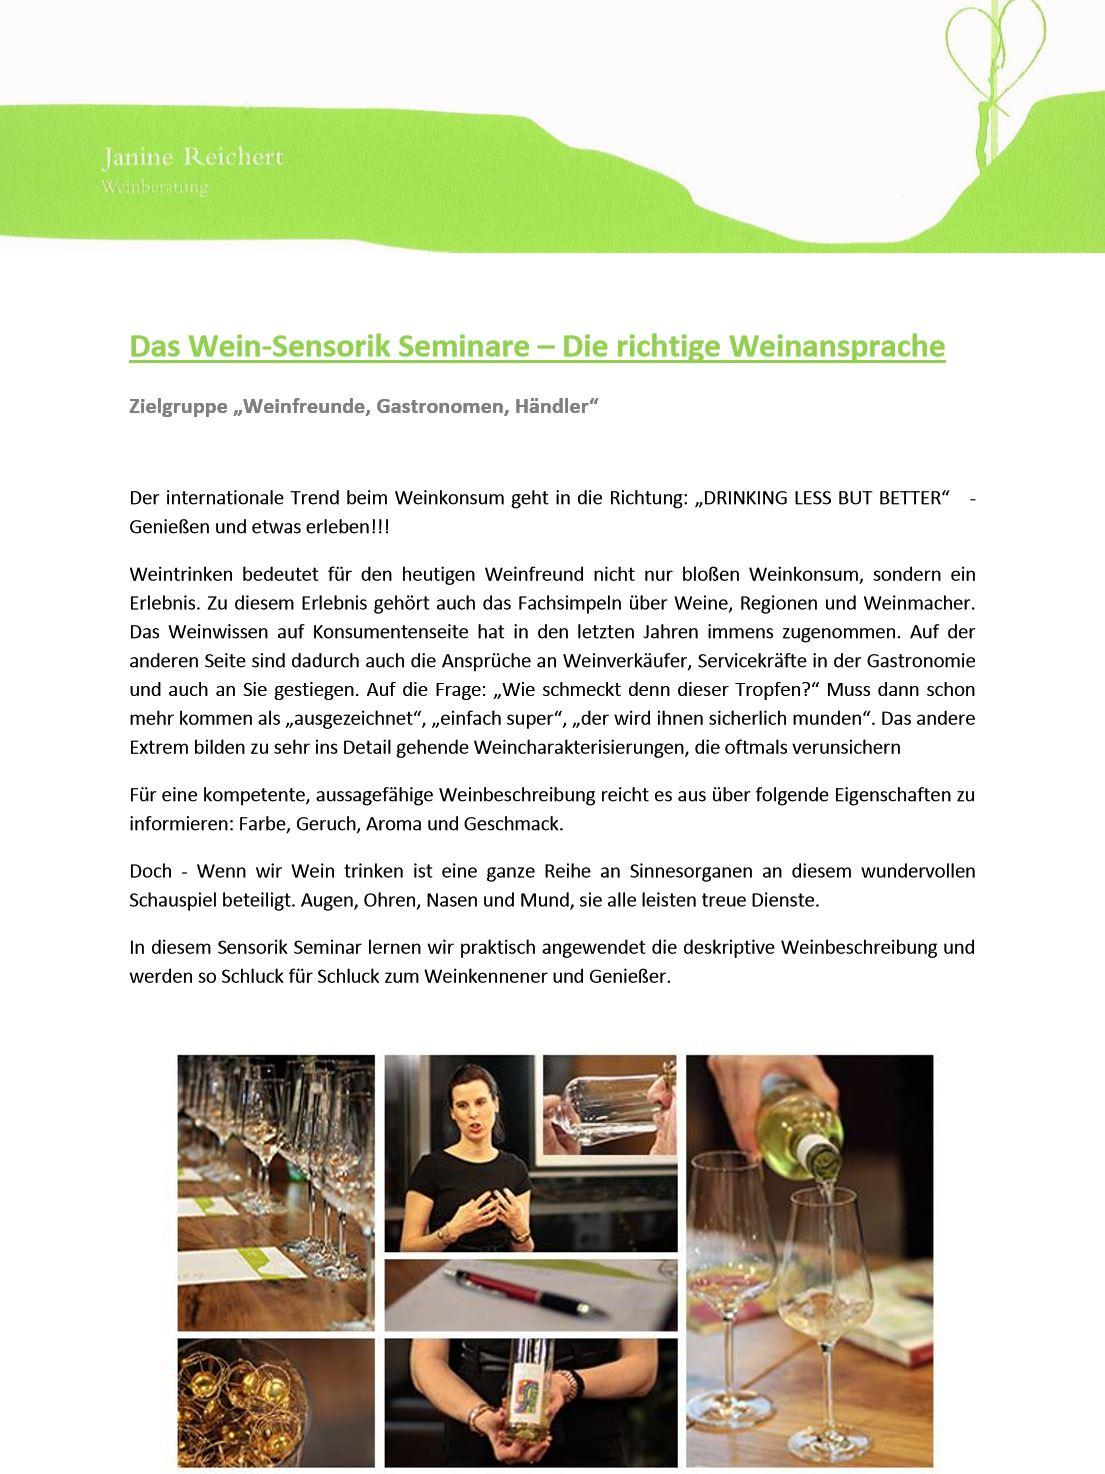 Wein-Sensorik-Seminar